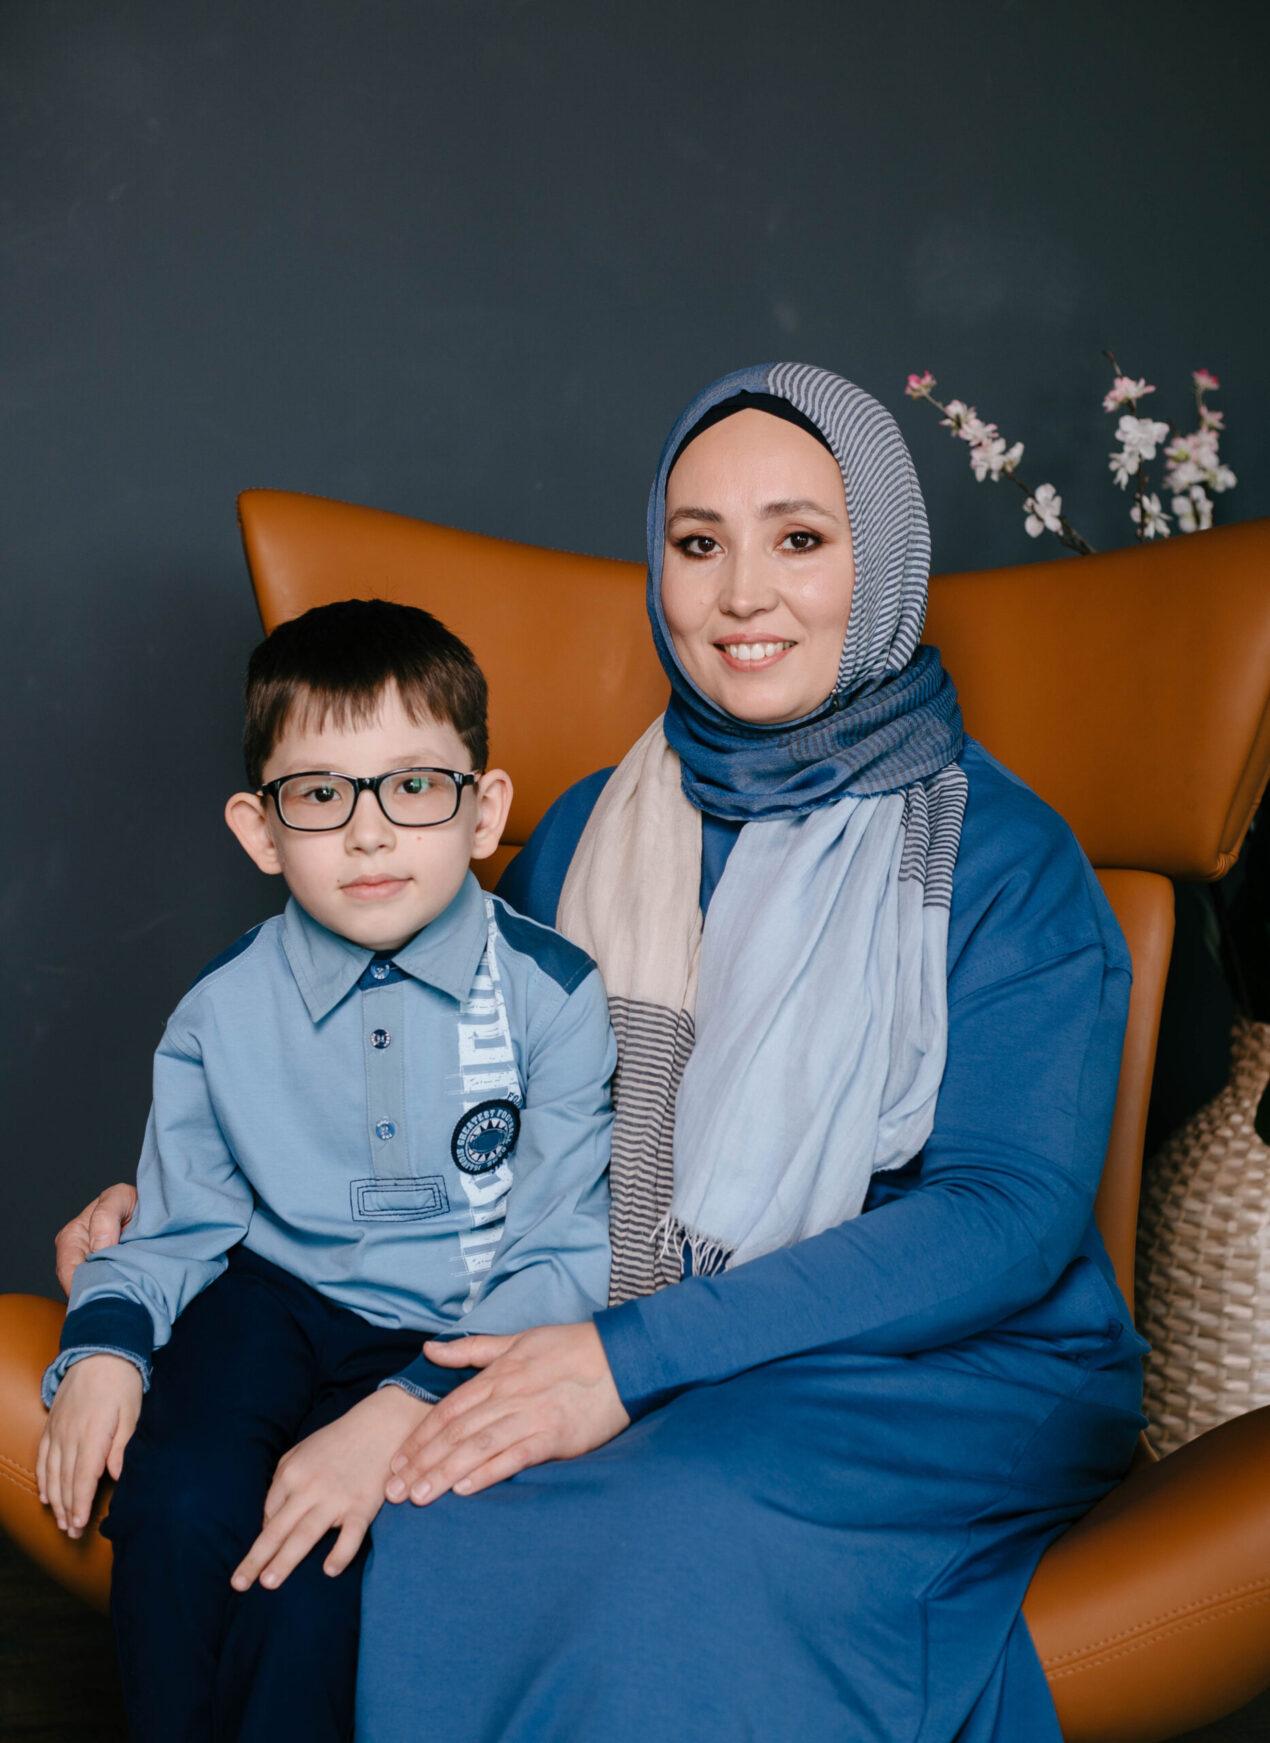 Данное мероприятие было приурочено к Всемирному дню распространения информации о проблеме аутизма, который ежегодно отмечается 2 апреля.